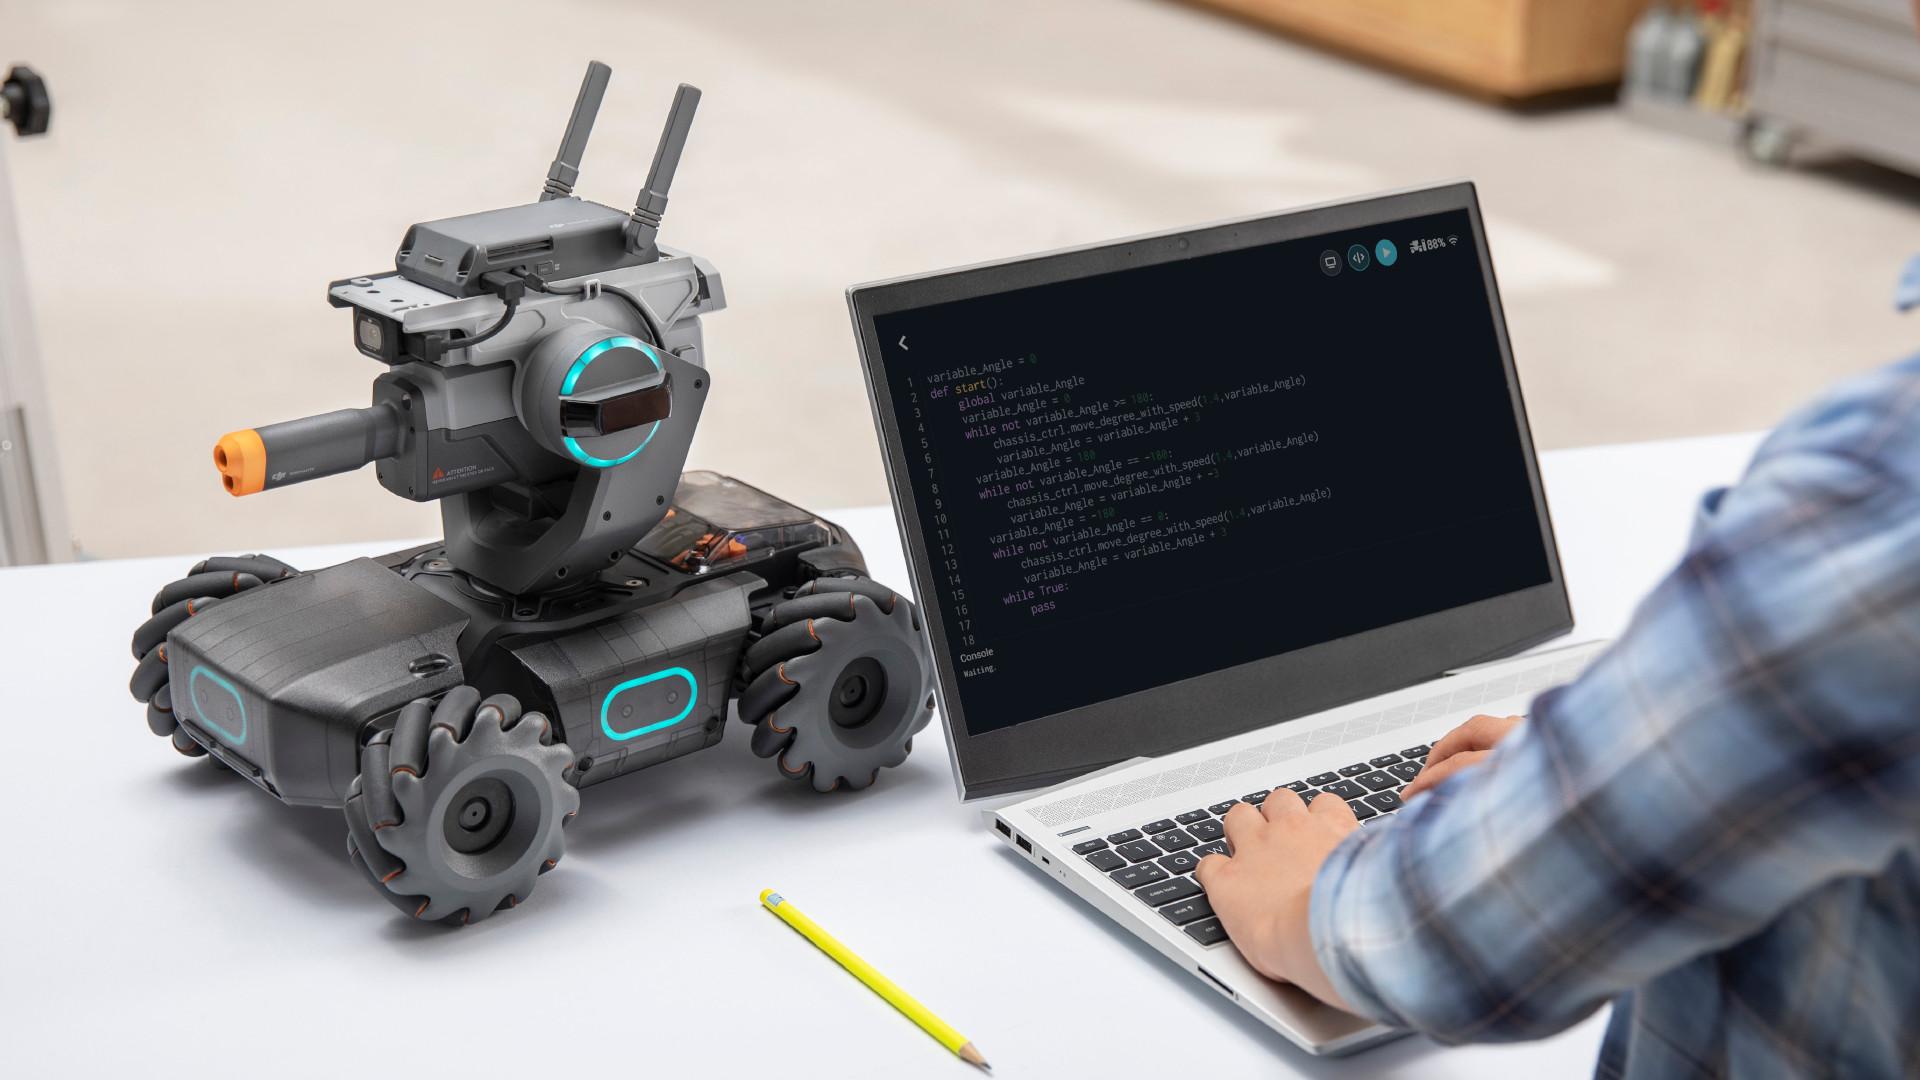 RoboMaster S1 Robot